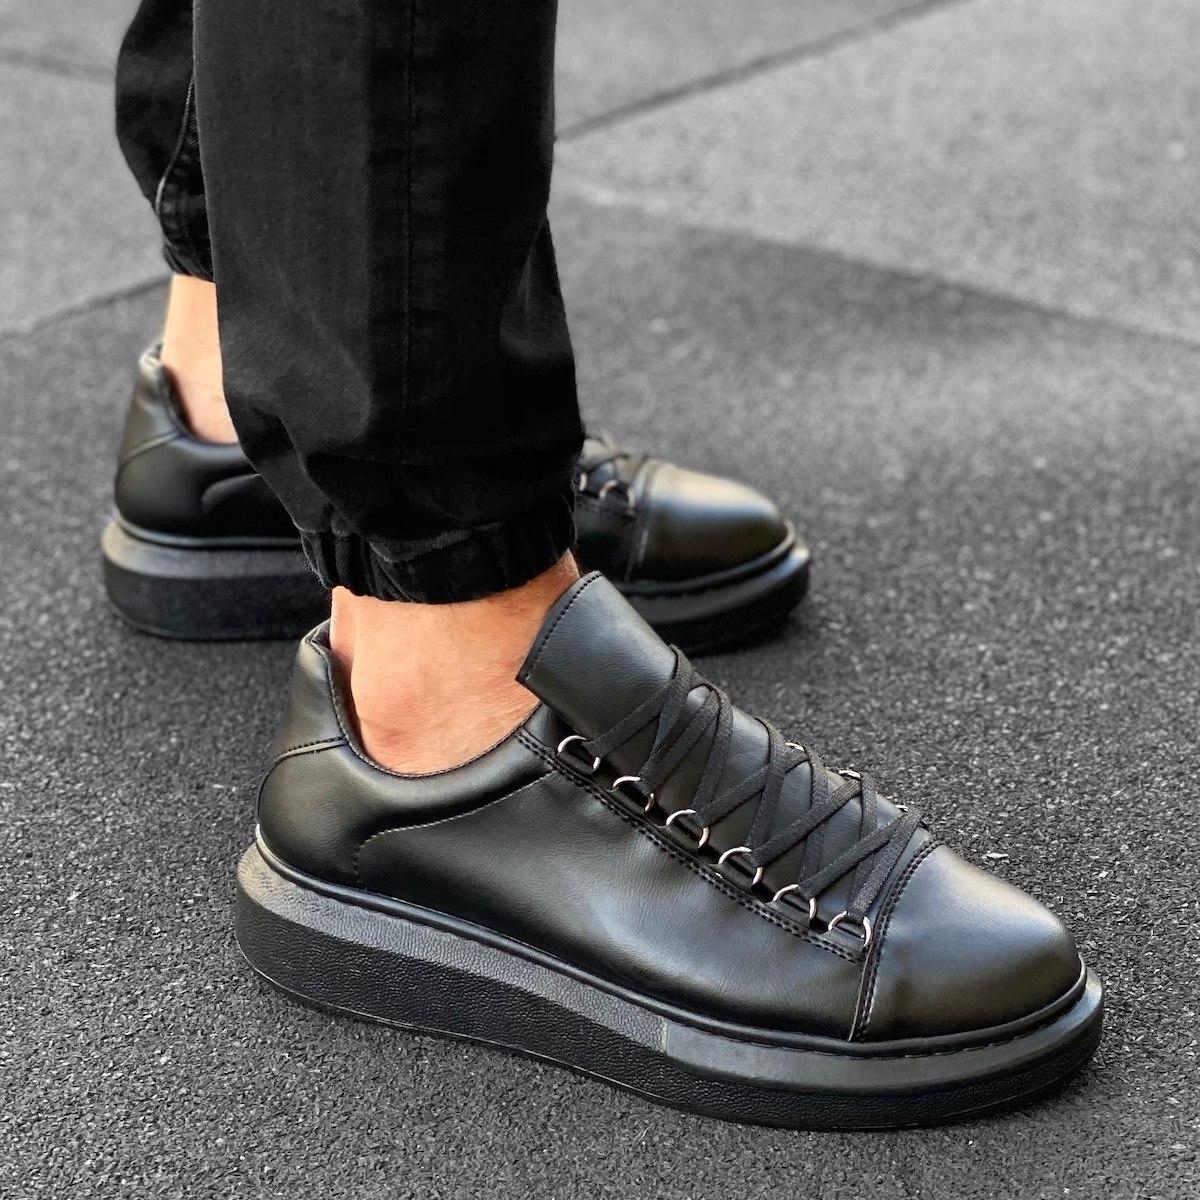 Heren Dikke Zool Low Top Sneakers Schoenen Zwart